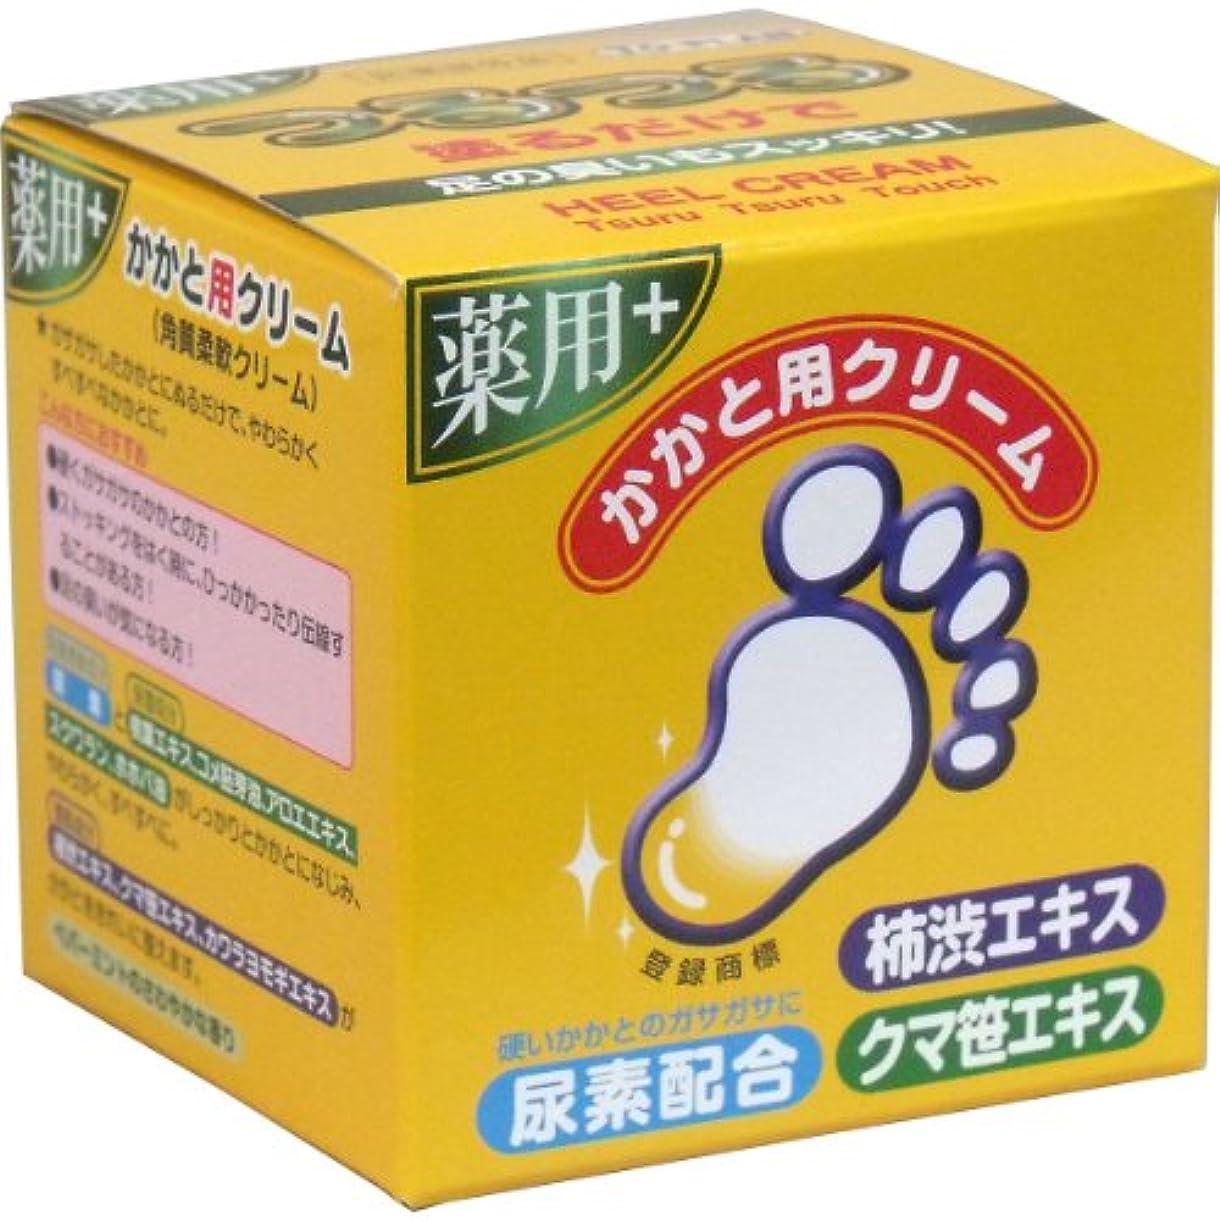 上昇ウイルスシャワーTO-PLAN(トプラン) 薬用かかと用クリーム 110g